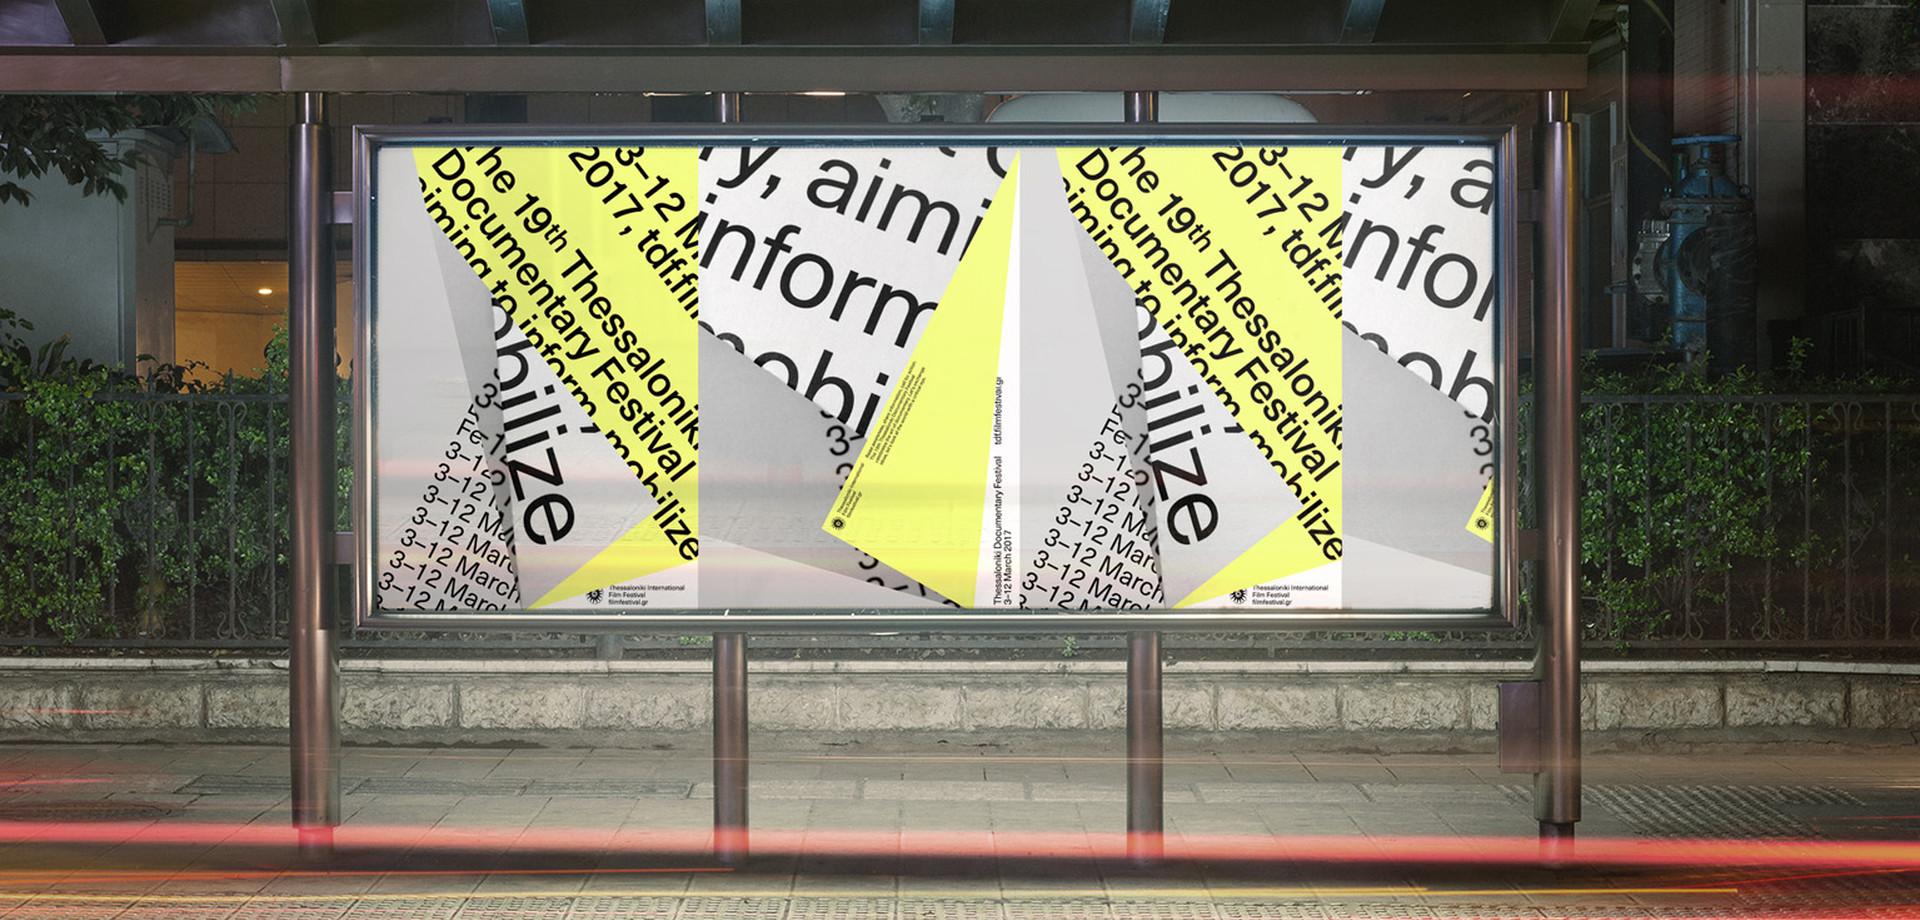 Η Αφίσα του 19ου Φεστιβάλ Ντοκιμαντέρ Θεσσαλονίκης